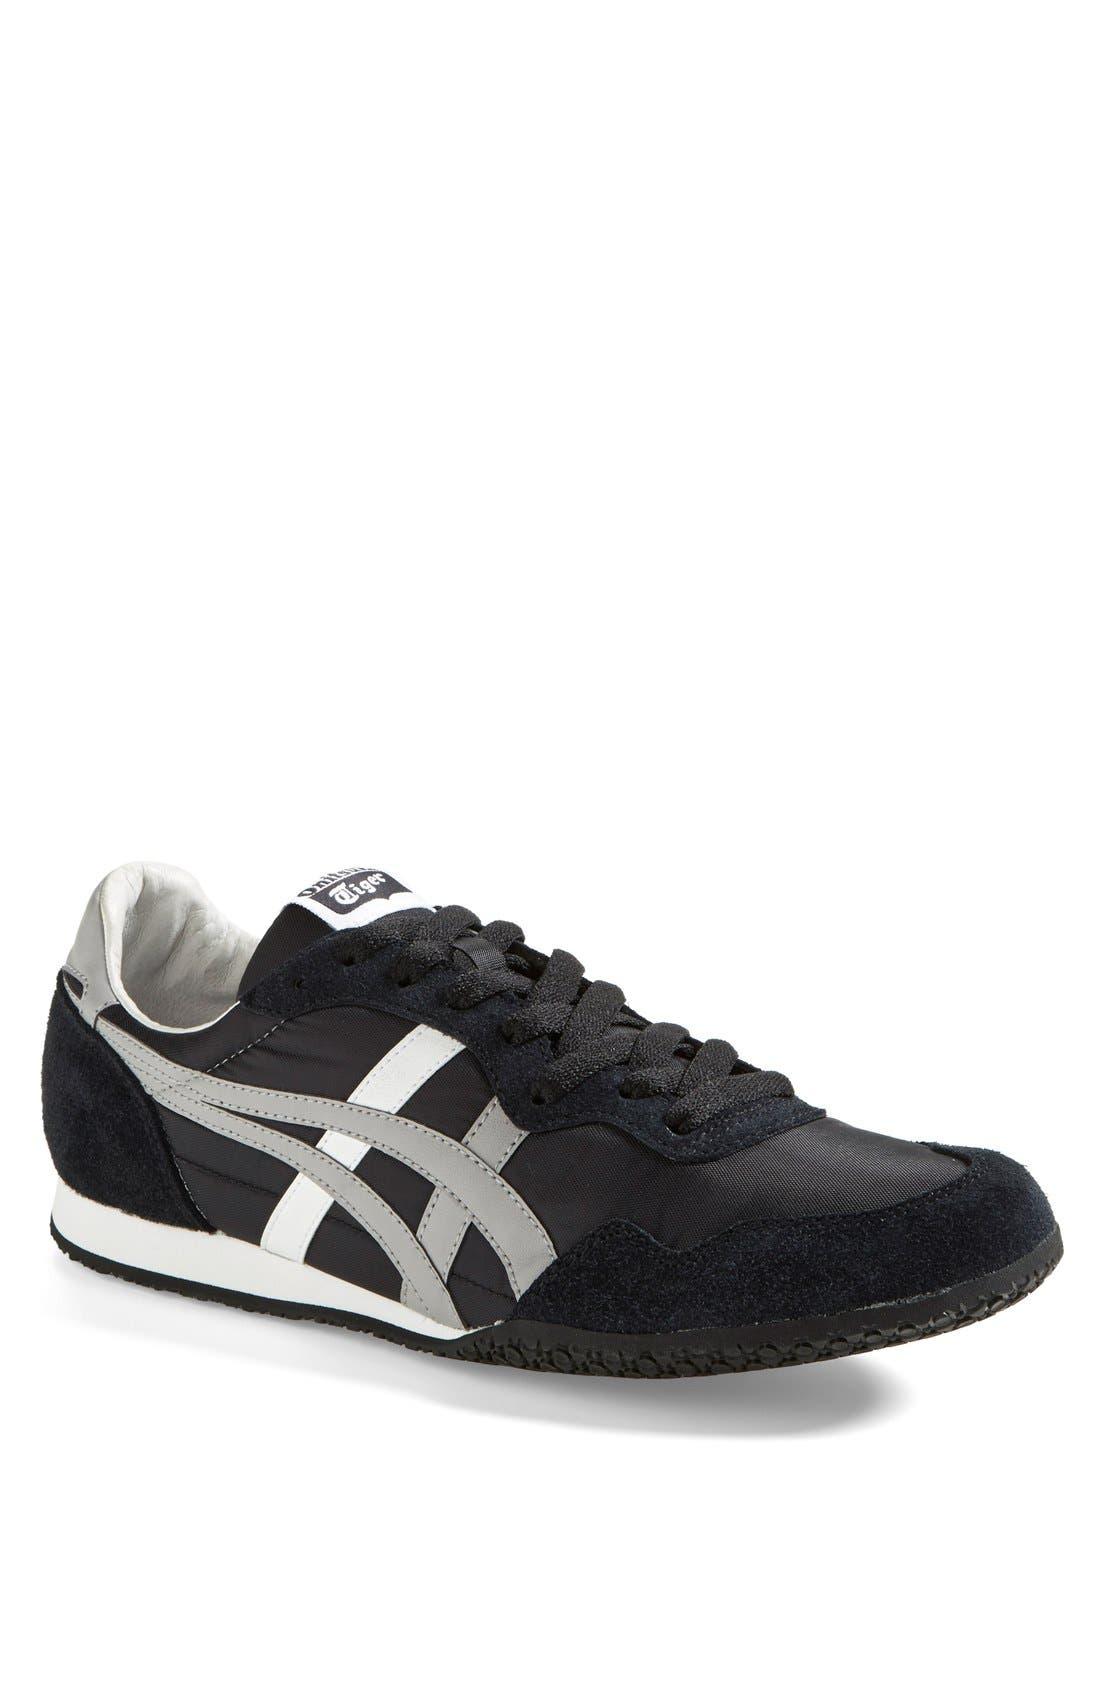 'Serrano' Sneaker,                         Main,                         color, BLACK/ LIGHT GREY/ WHITE